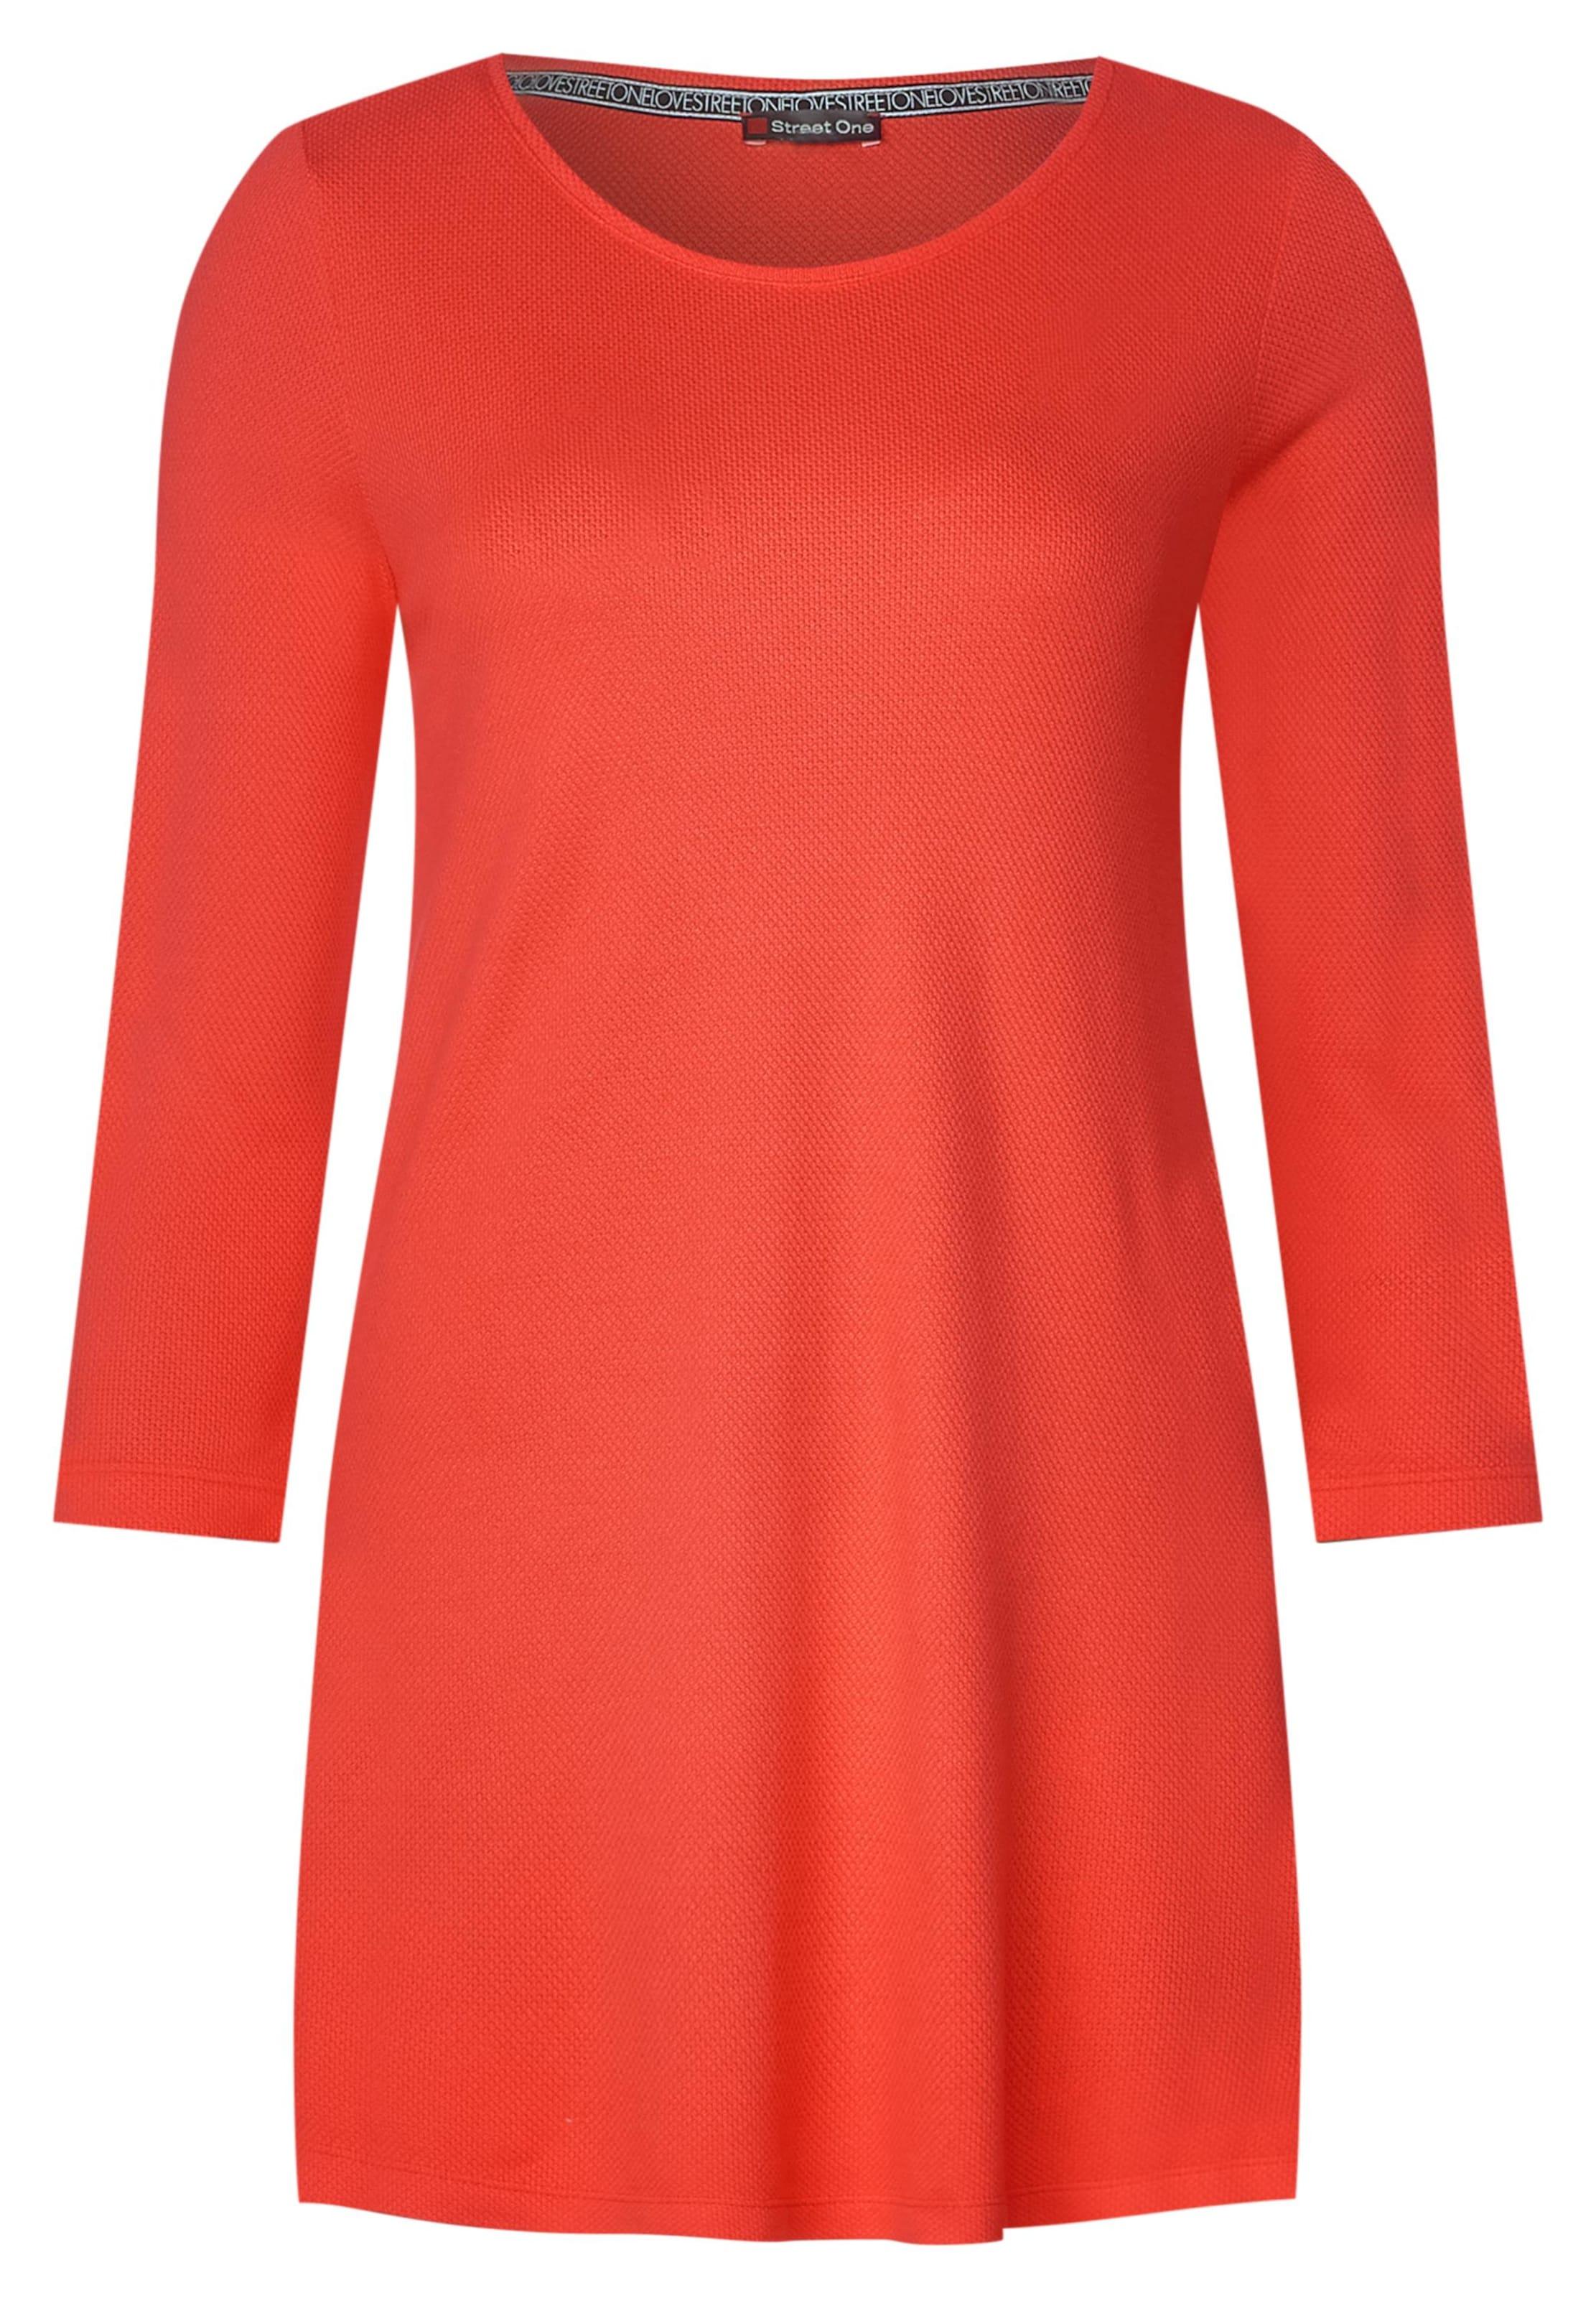 Koralle Street Street Shirt Koralle Shirt In One In Shirt Street One One In IbyfY6v7g